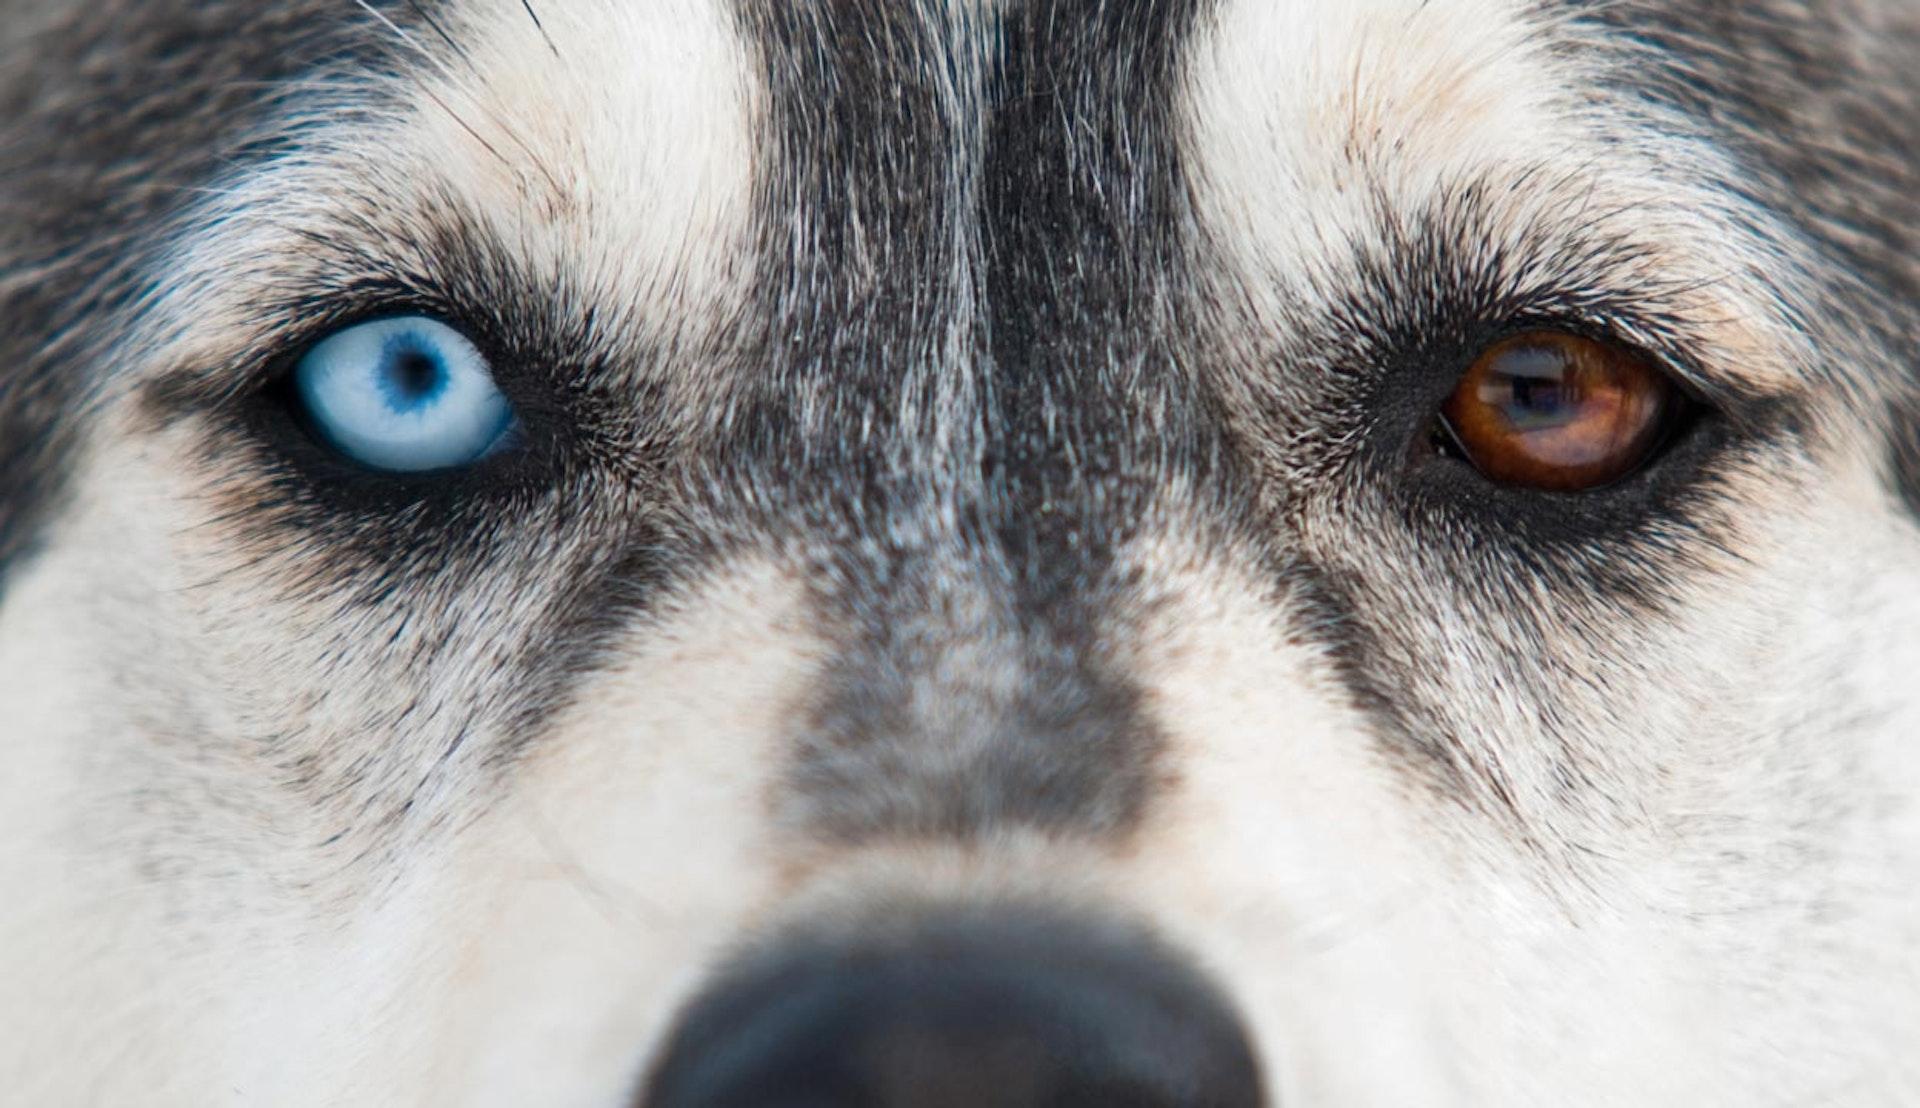 Riktig närbild av en husky, med ett blått och ett brunt öga.